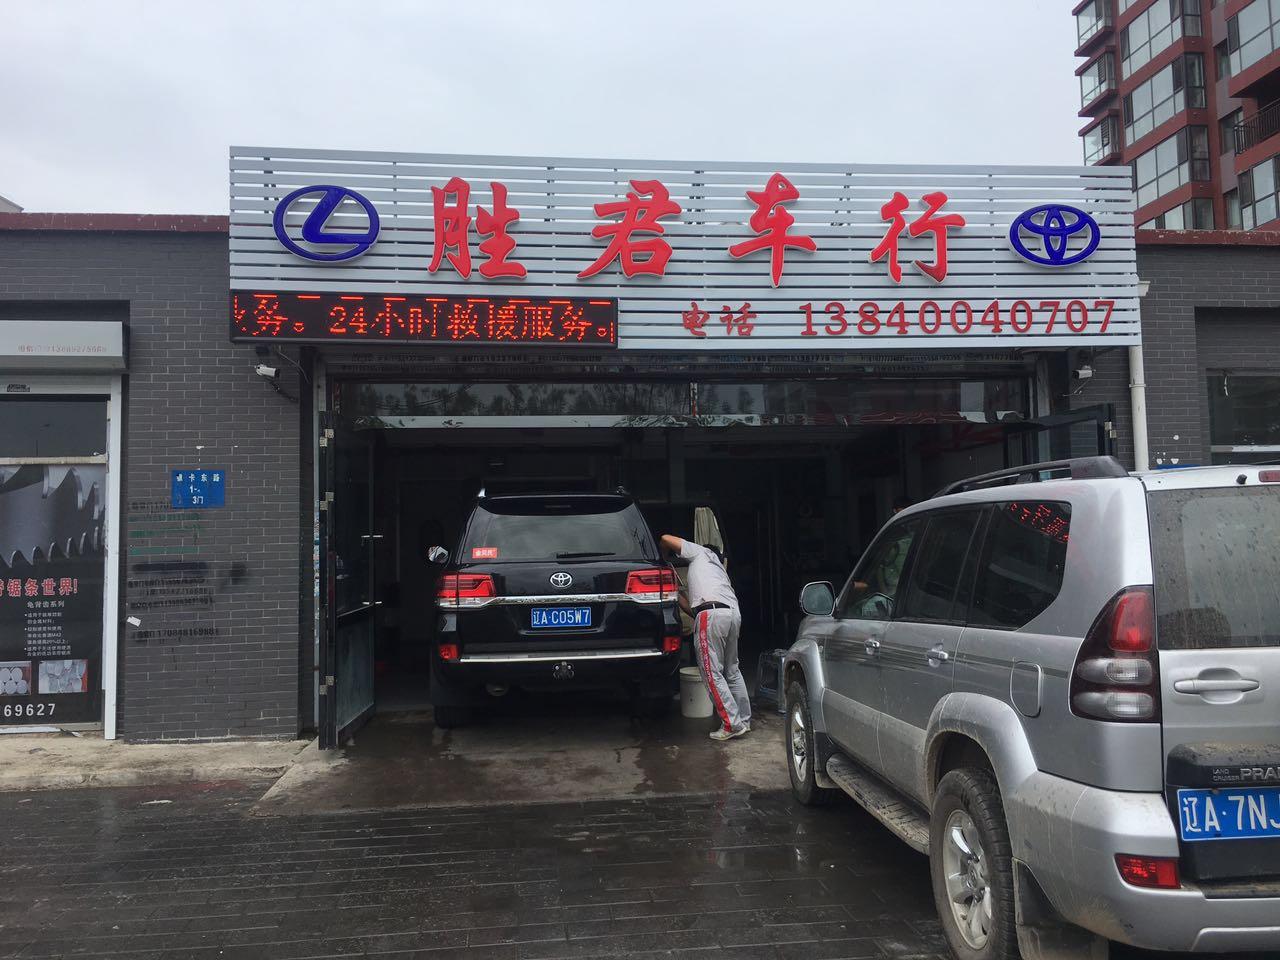 豐田專業維修哪家好-要找專業維修豐田就選沈陽君興源汽車維修